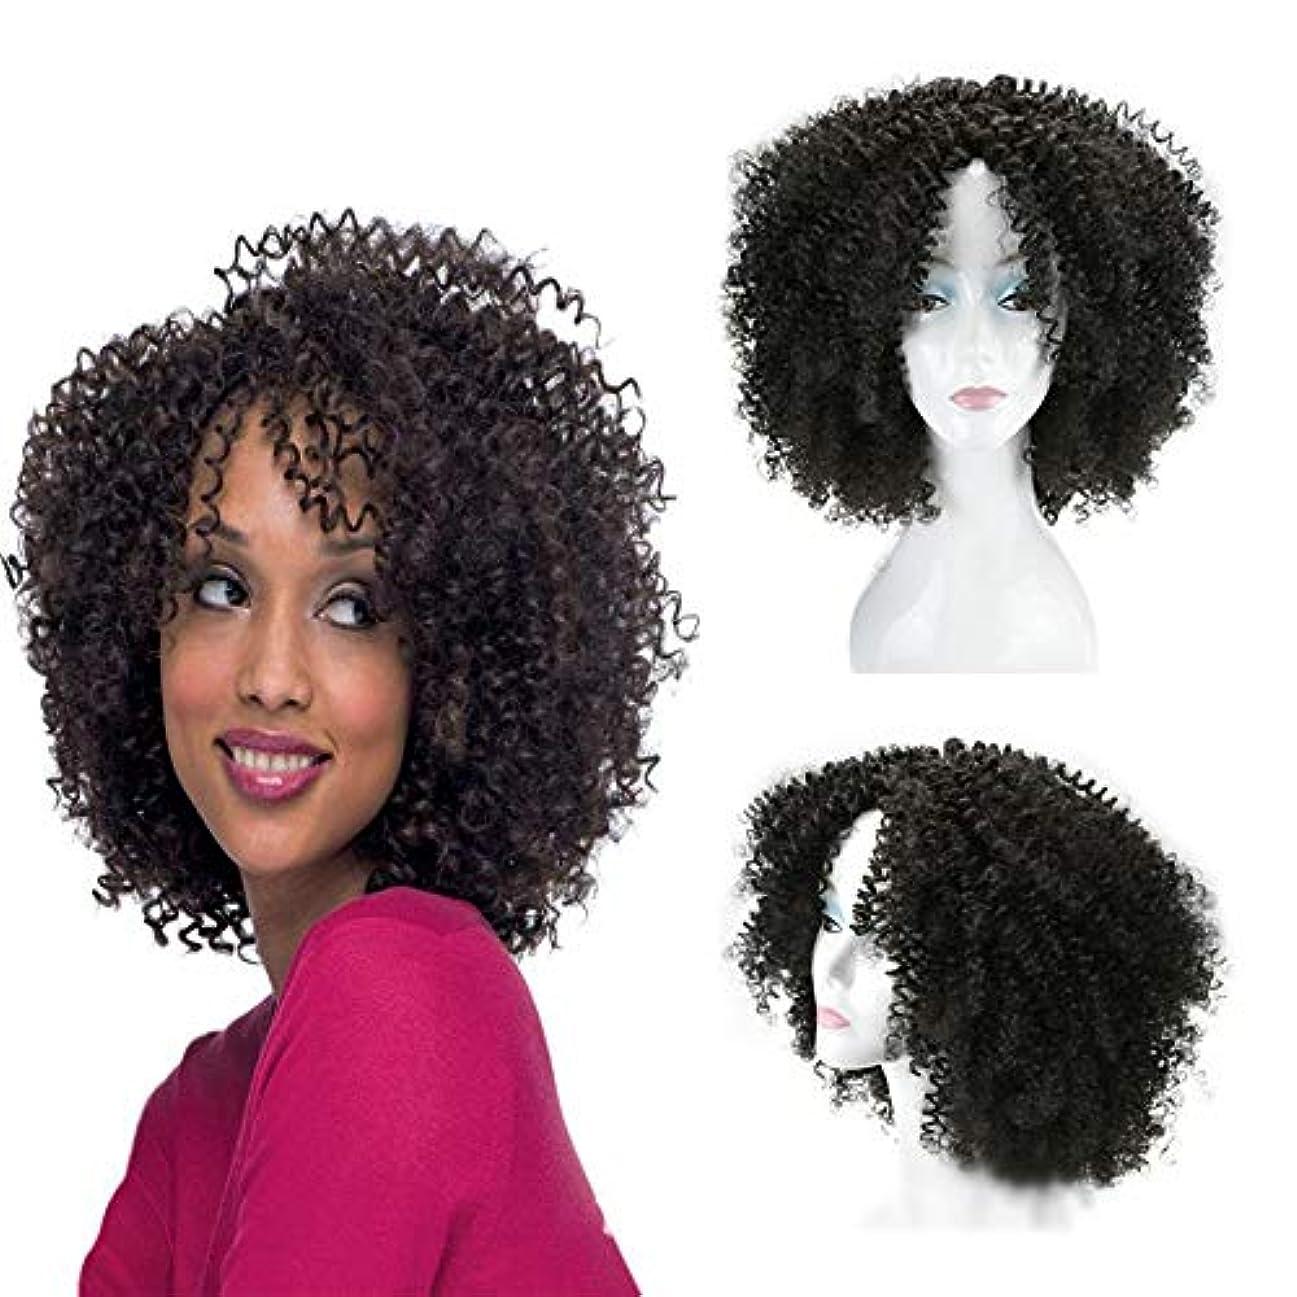 貴重なまもなく対称YOUQIU 16インチ変態カーリー黒爆発デイリーコスプレパーティードレスウィッグ用のヘッドの女性のアフリカの小カーリーヘア (色 : 黒)